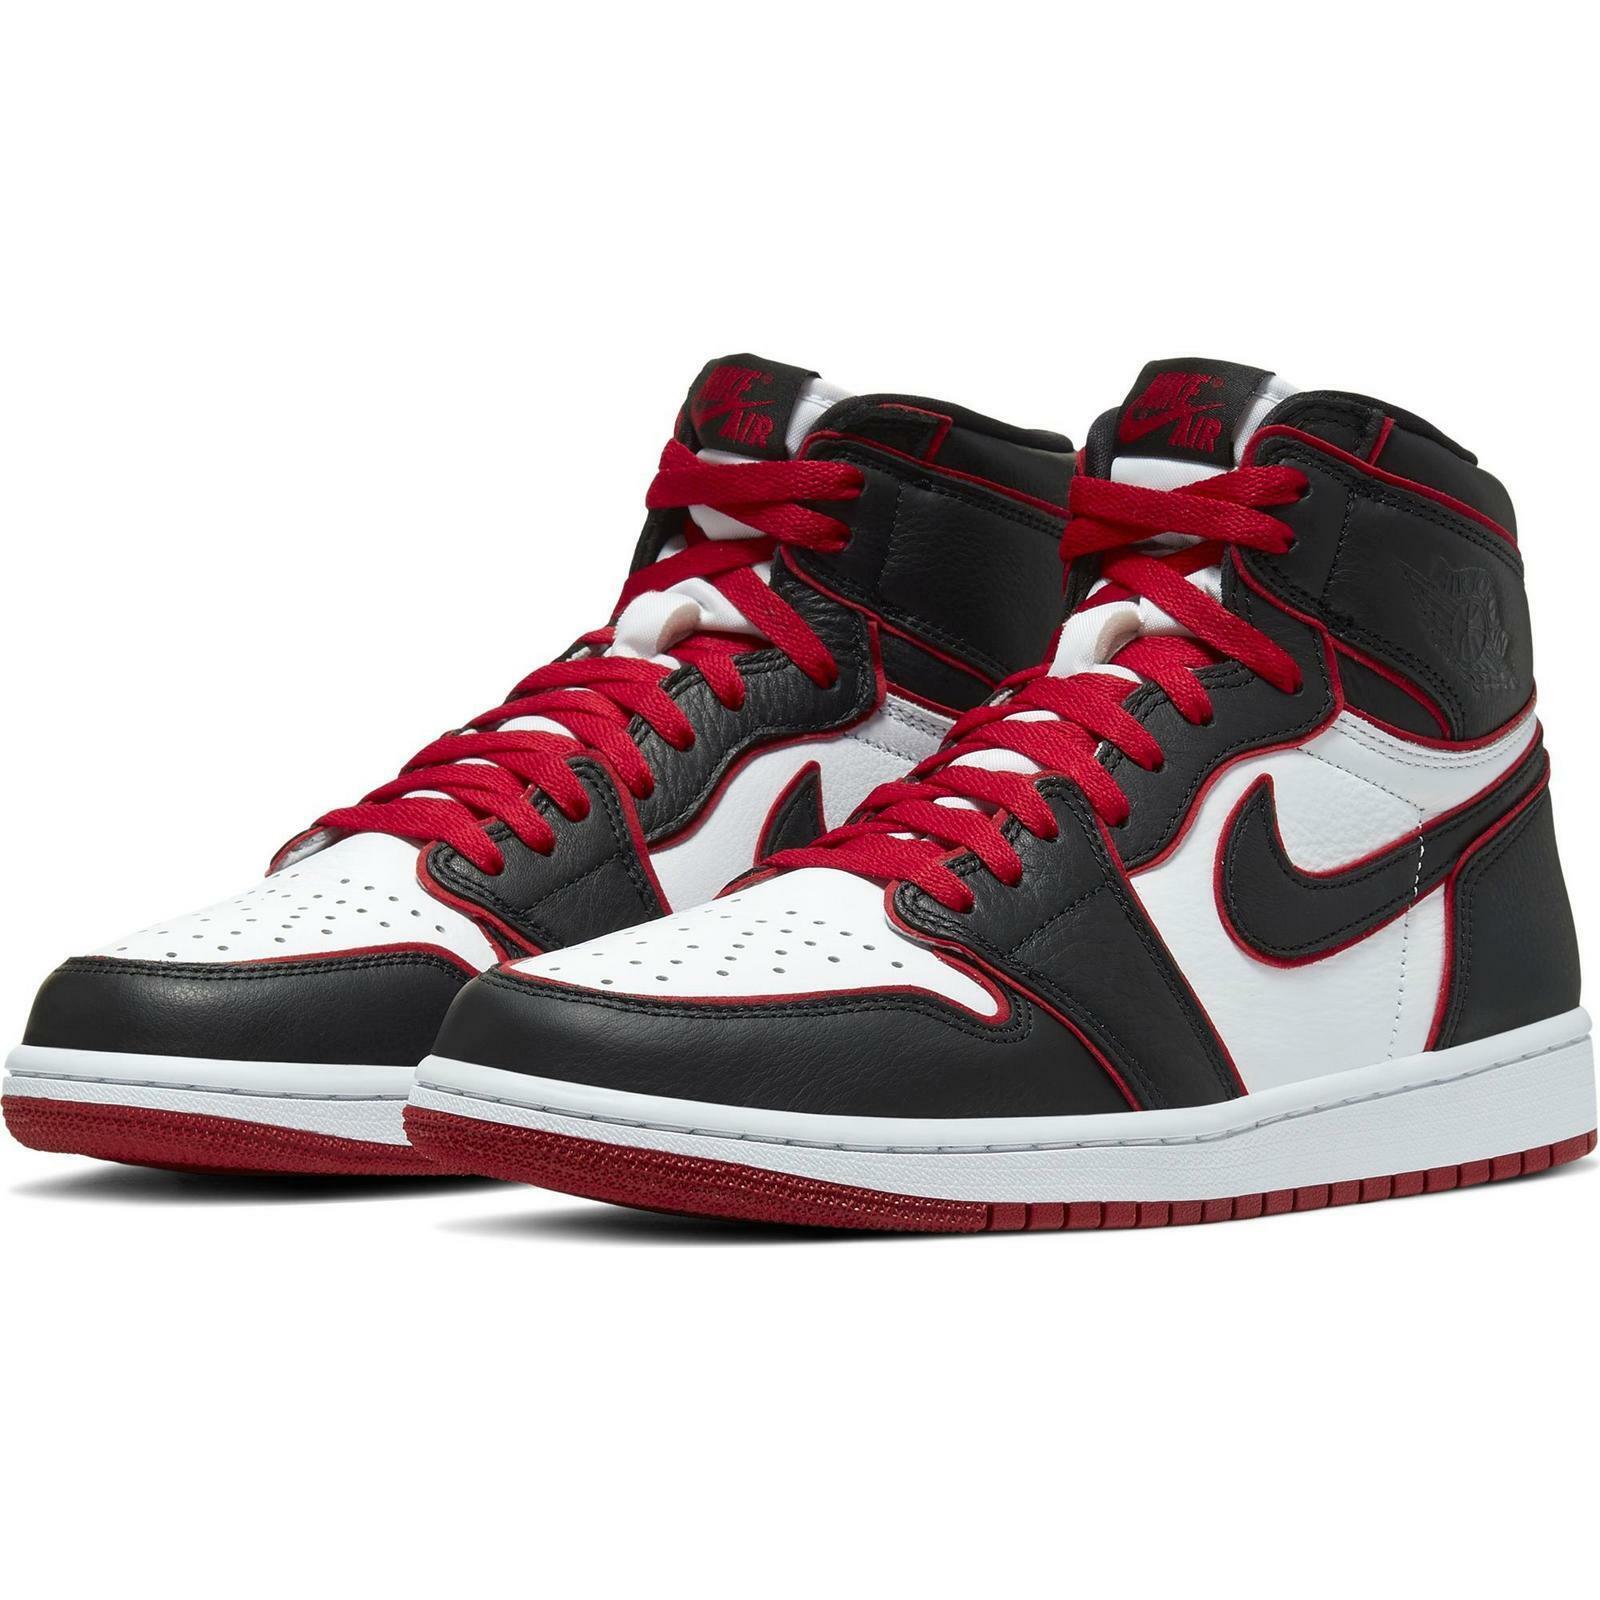 black and red jordan 1